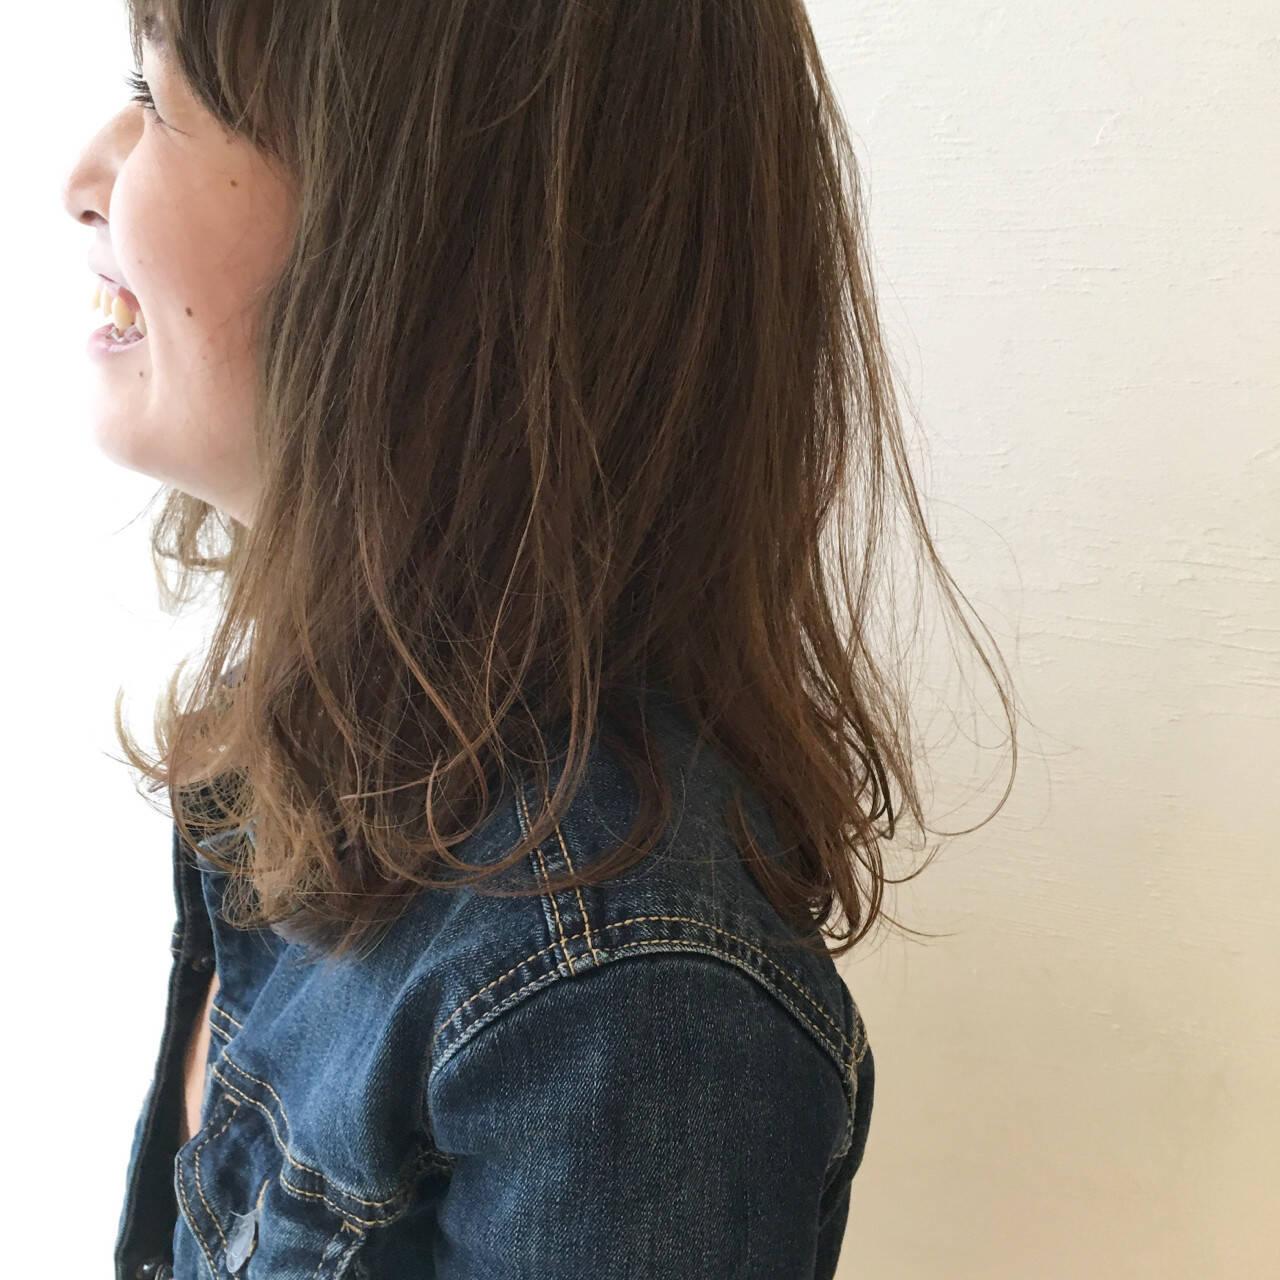 ハイライト ナチュラル セミロング グラデーションカラーヘアスタイルや髪型の写真・画像